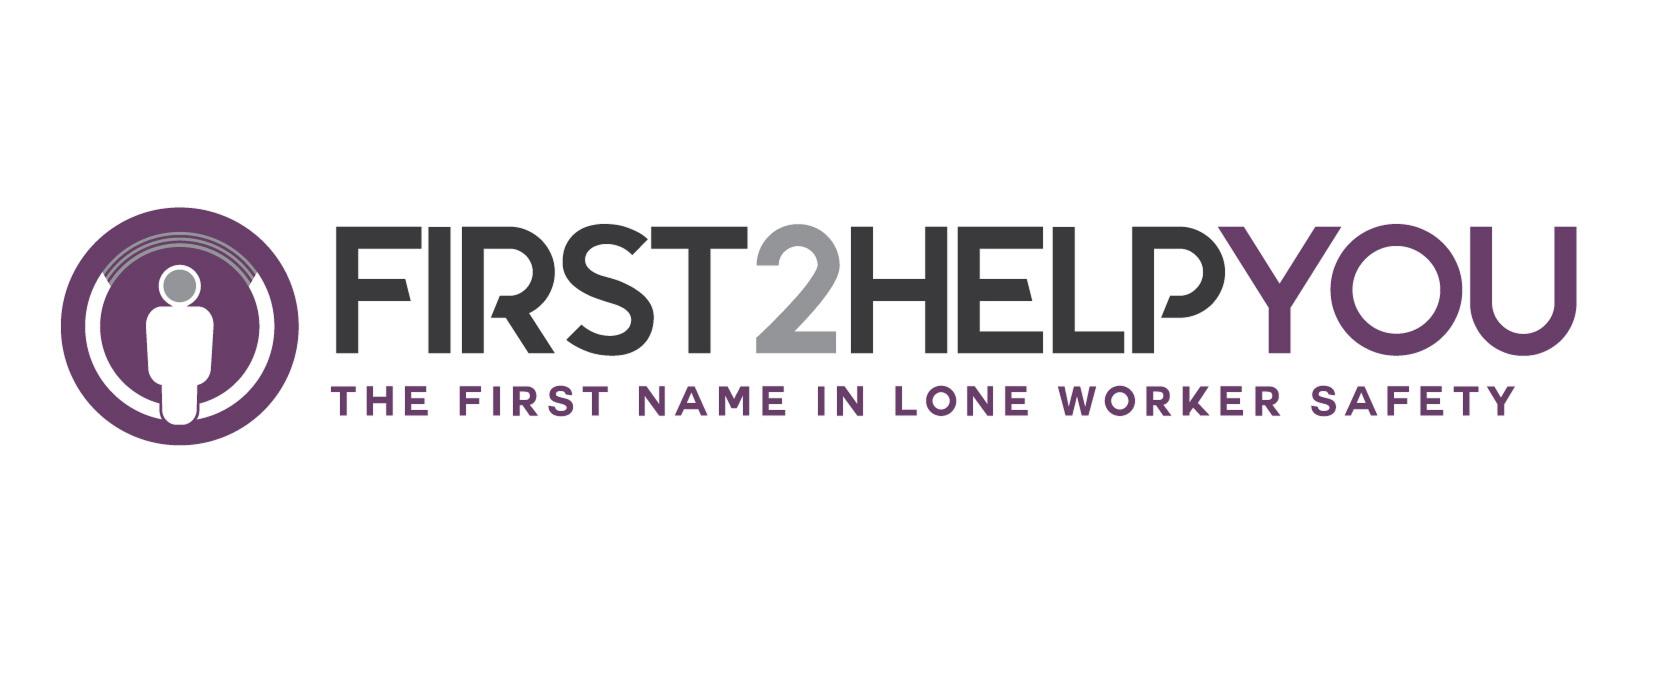 First2HelpYou Ltd